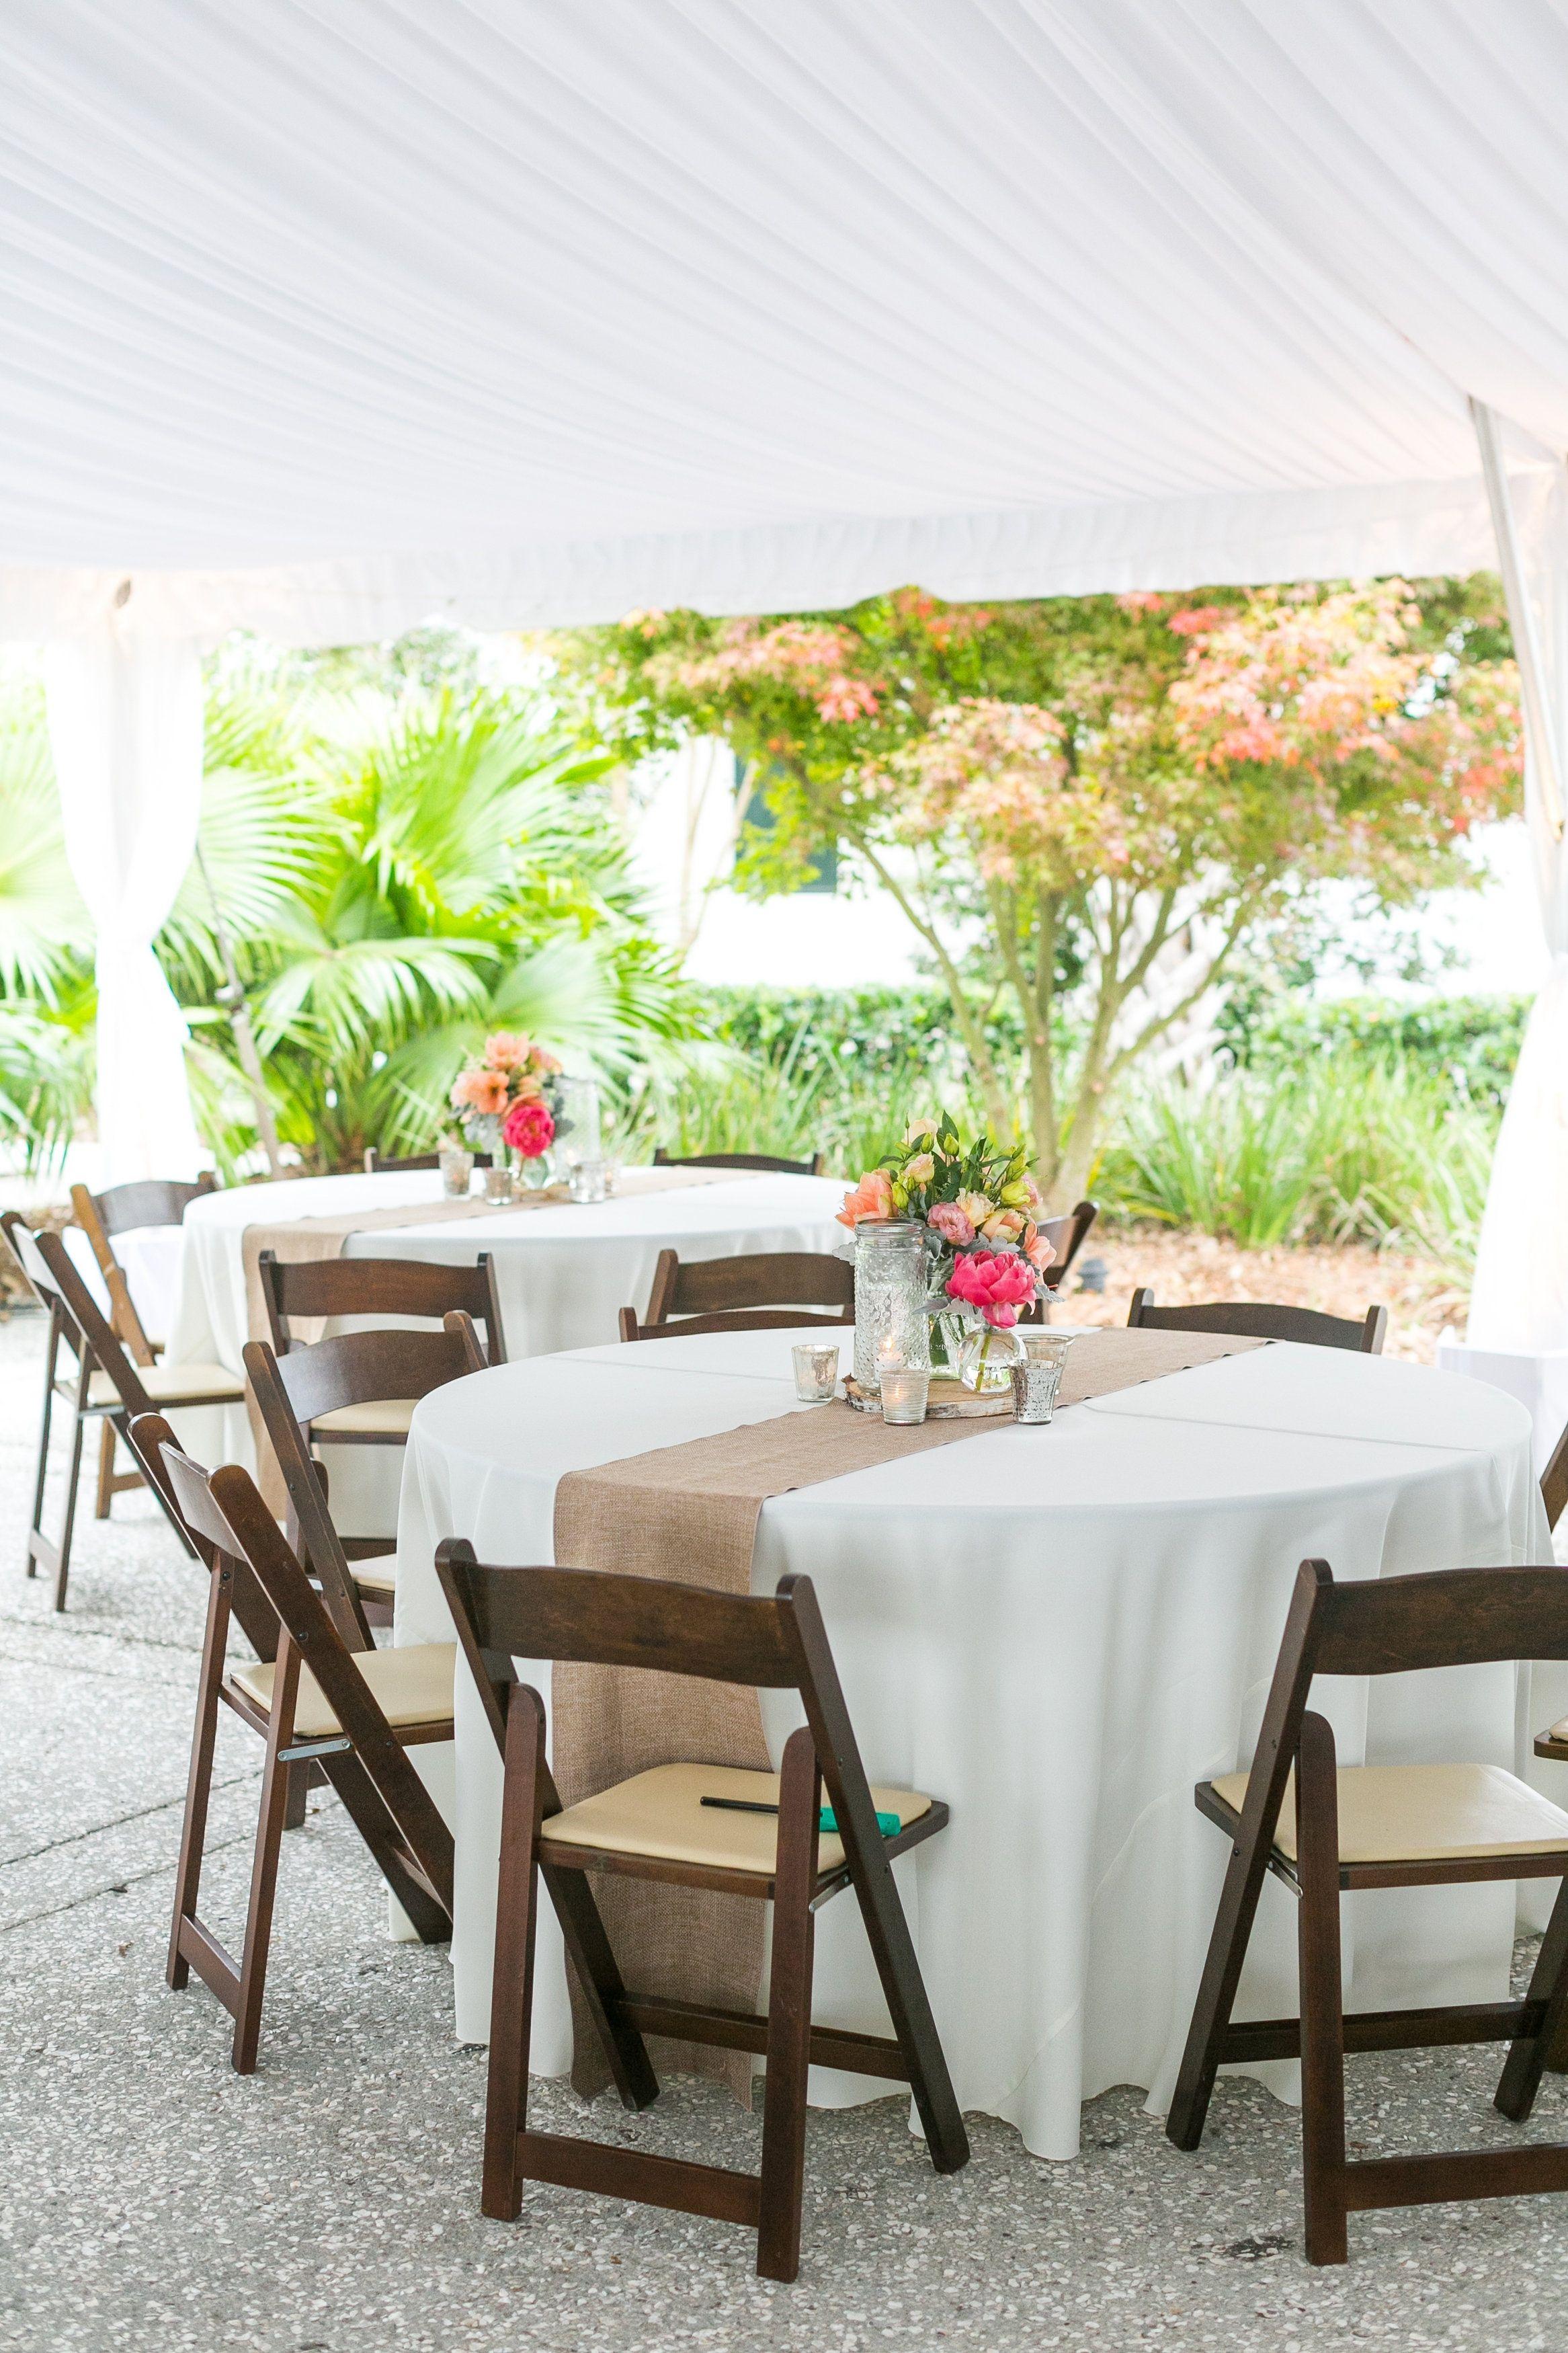 Simple Elegant Reception Tables Decoraciones De Boda Campestre Boda Sencilla Y Elegante Boda En La Piscina